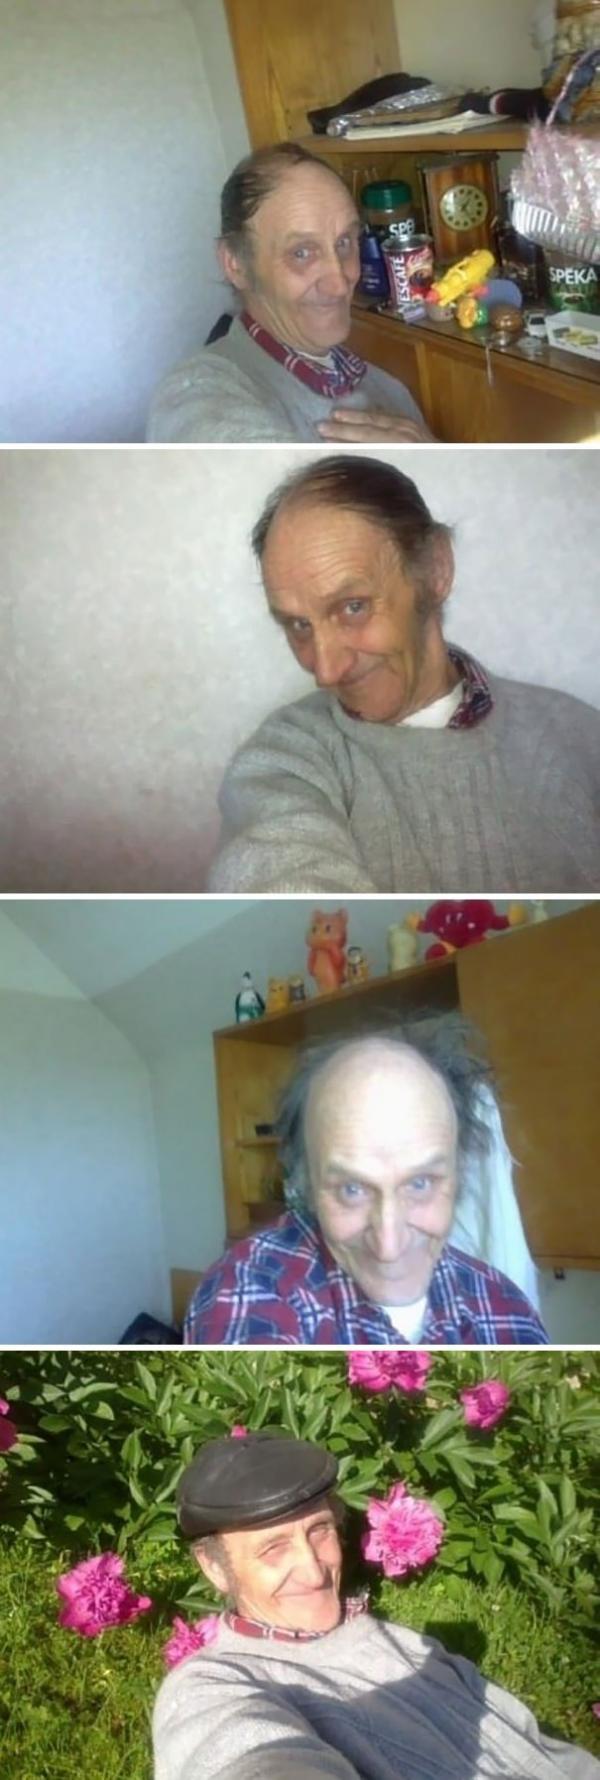 funny grandparents 68 5a44b7a917642 605